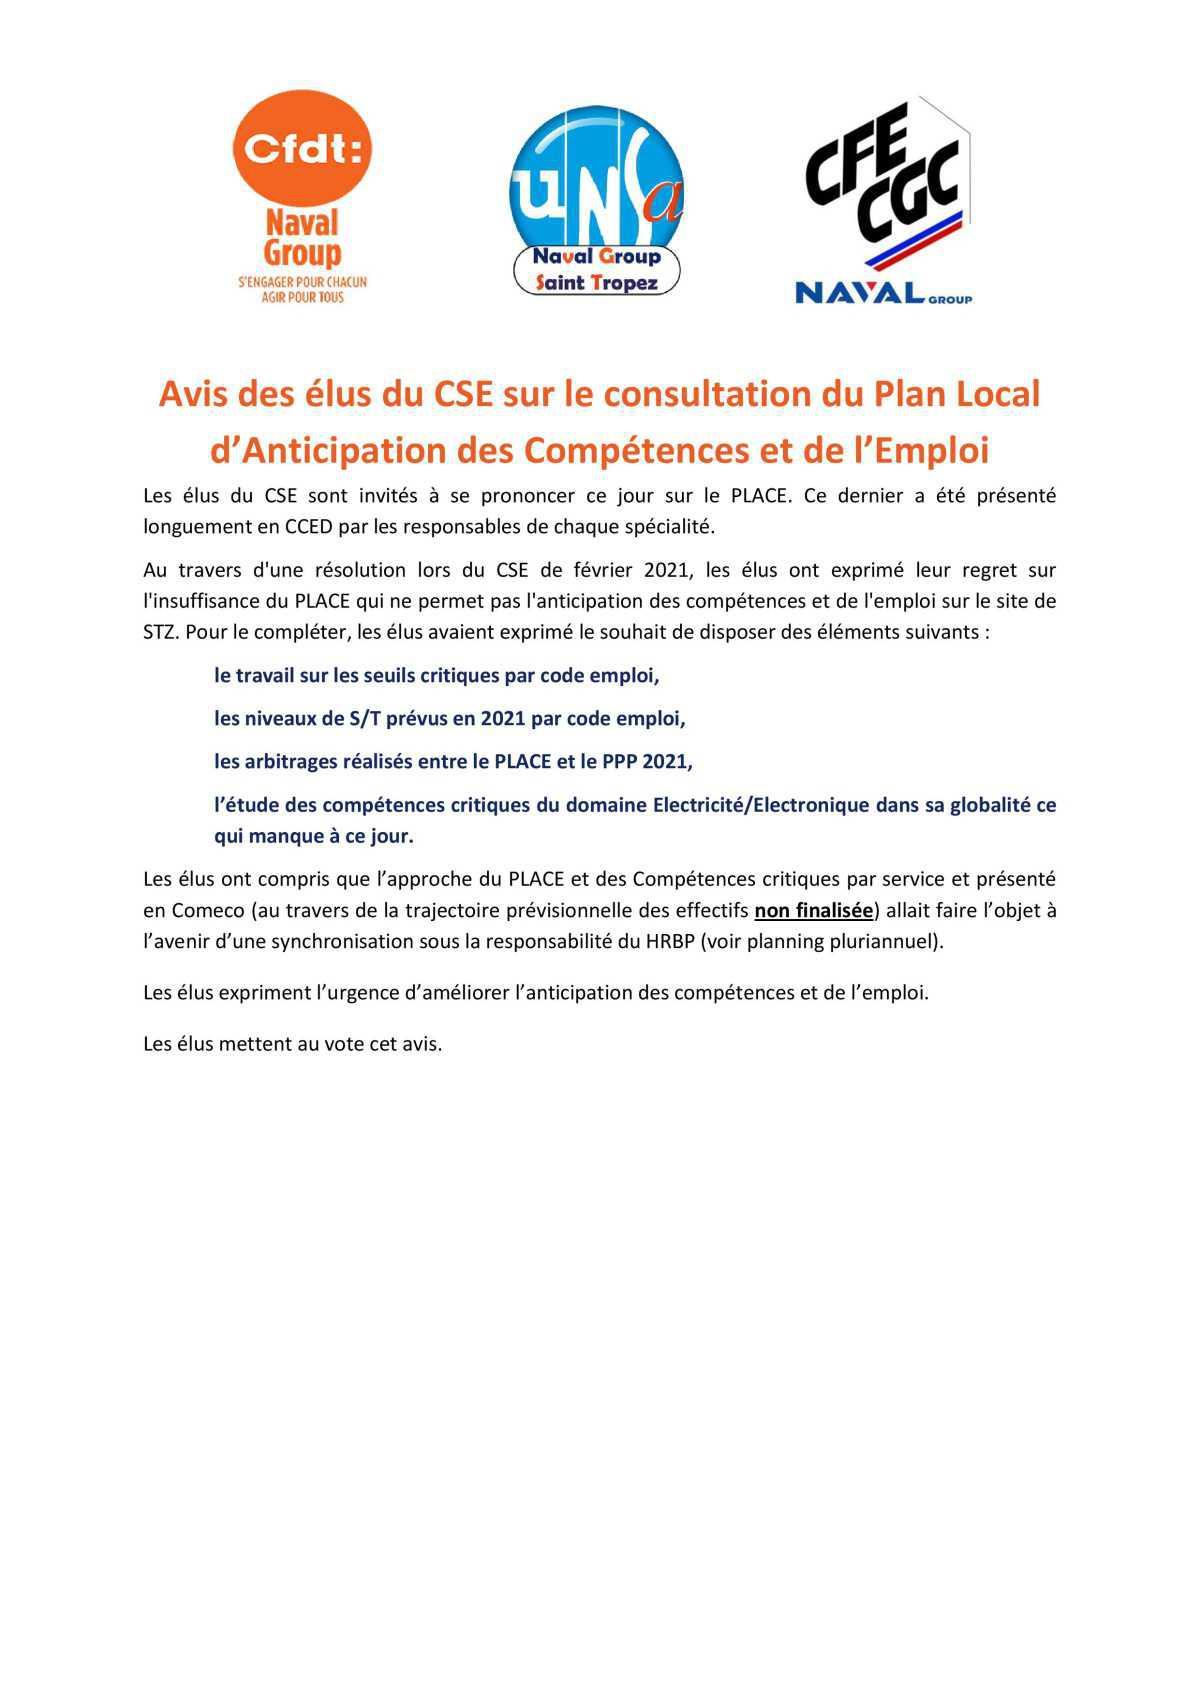 Réunion du 13 avril 2021 - avis des élus du CSE sur le PLACE